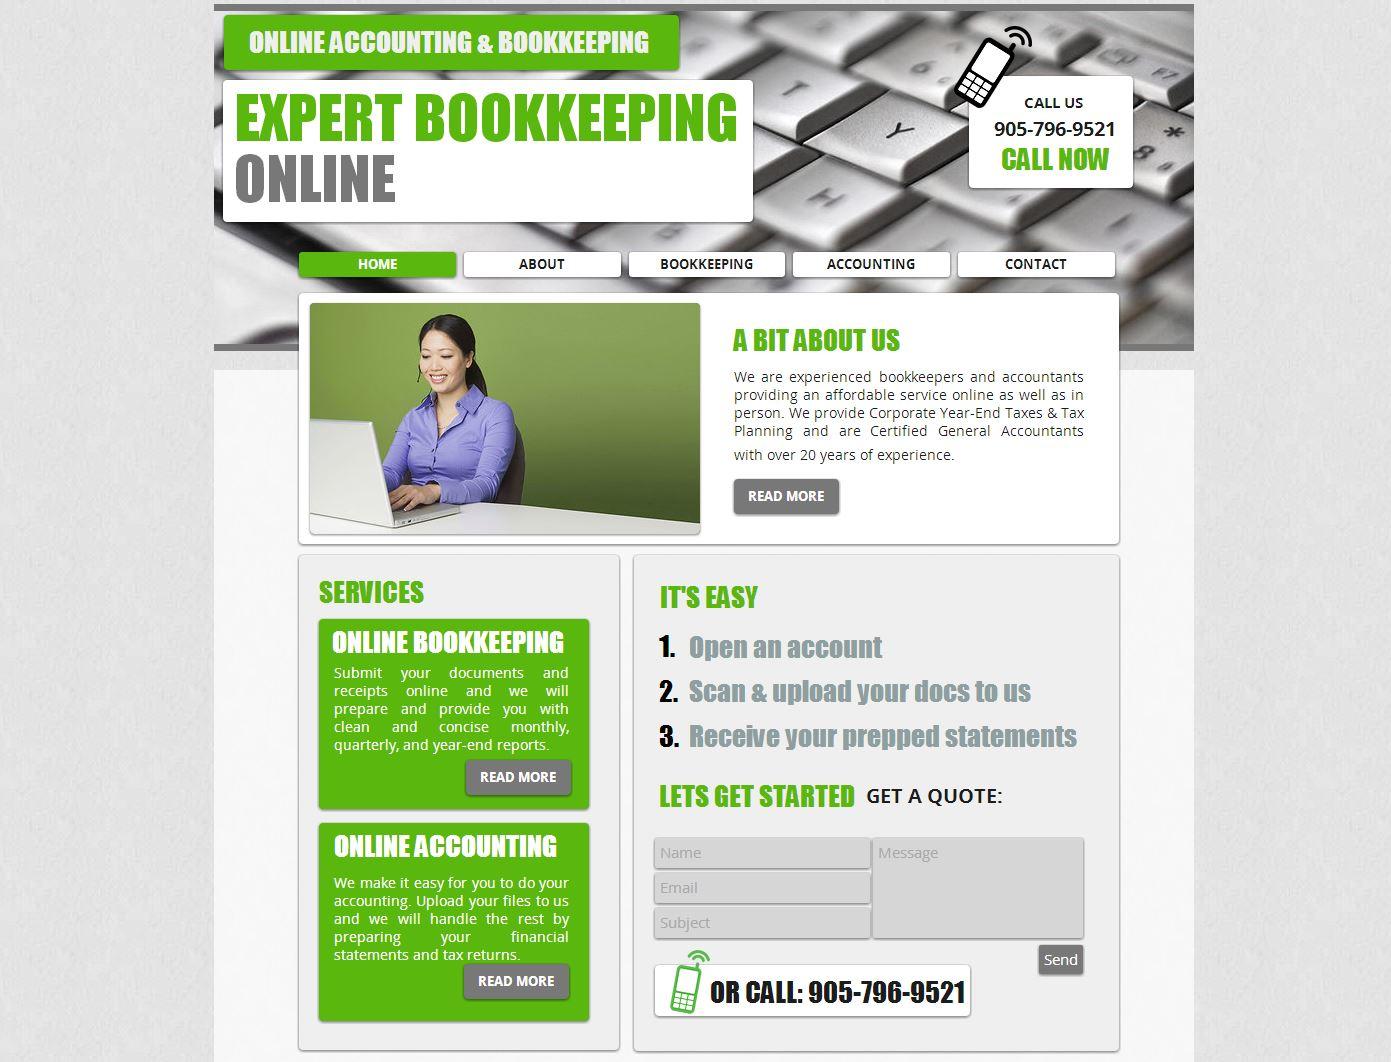 Expert Bookkeeping Online